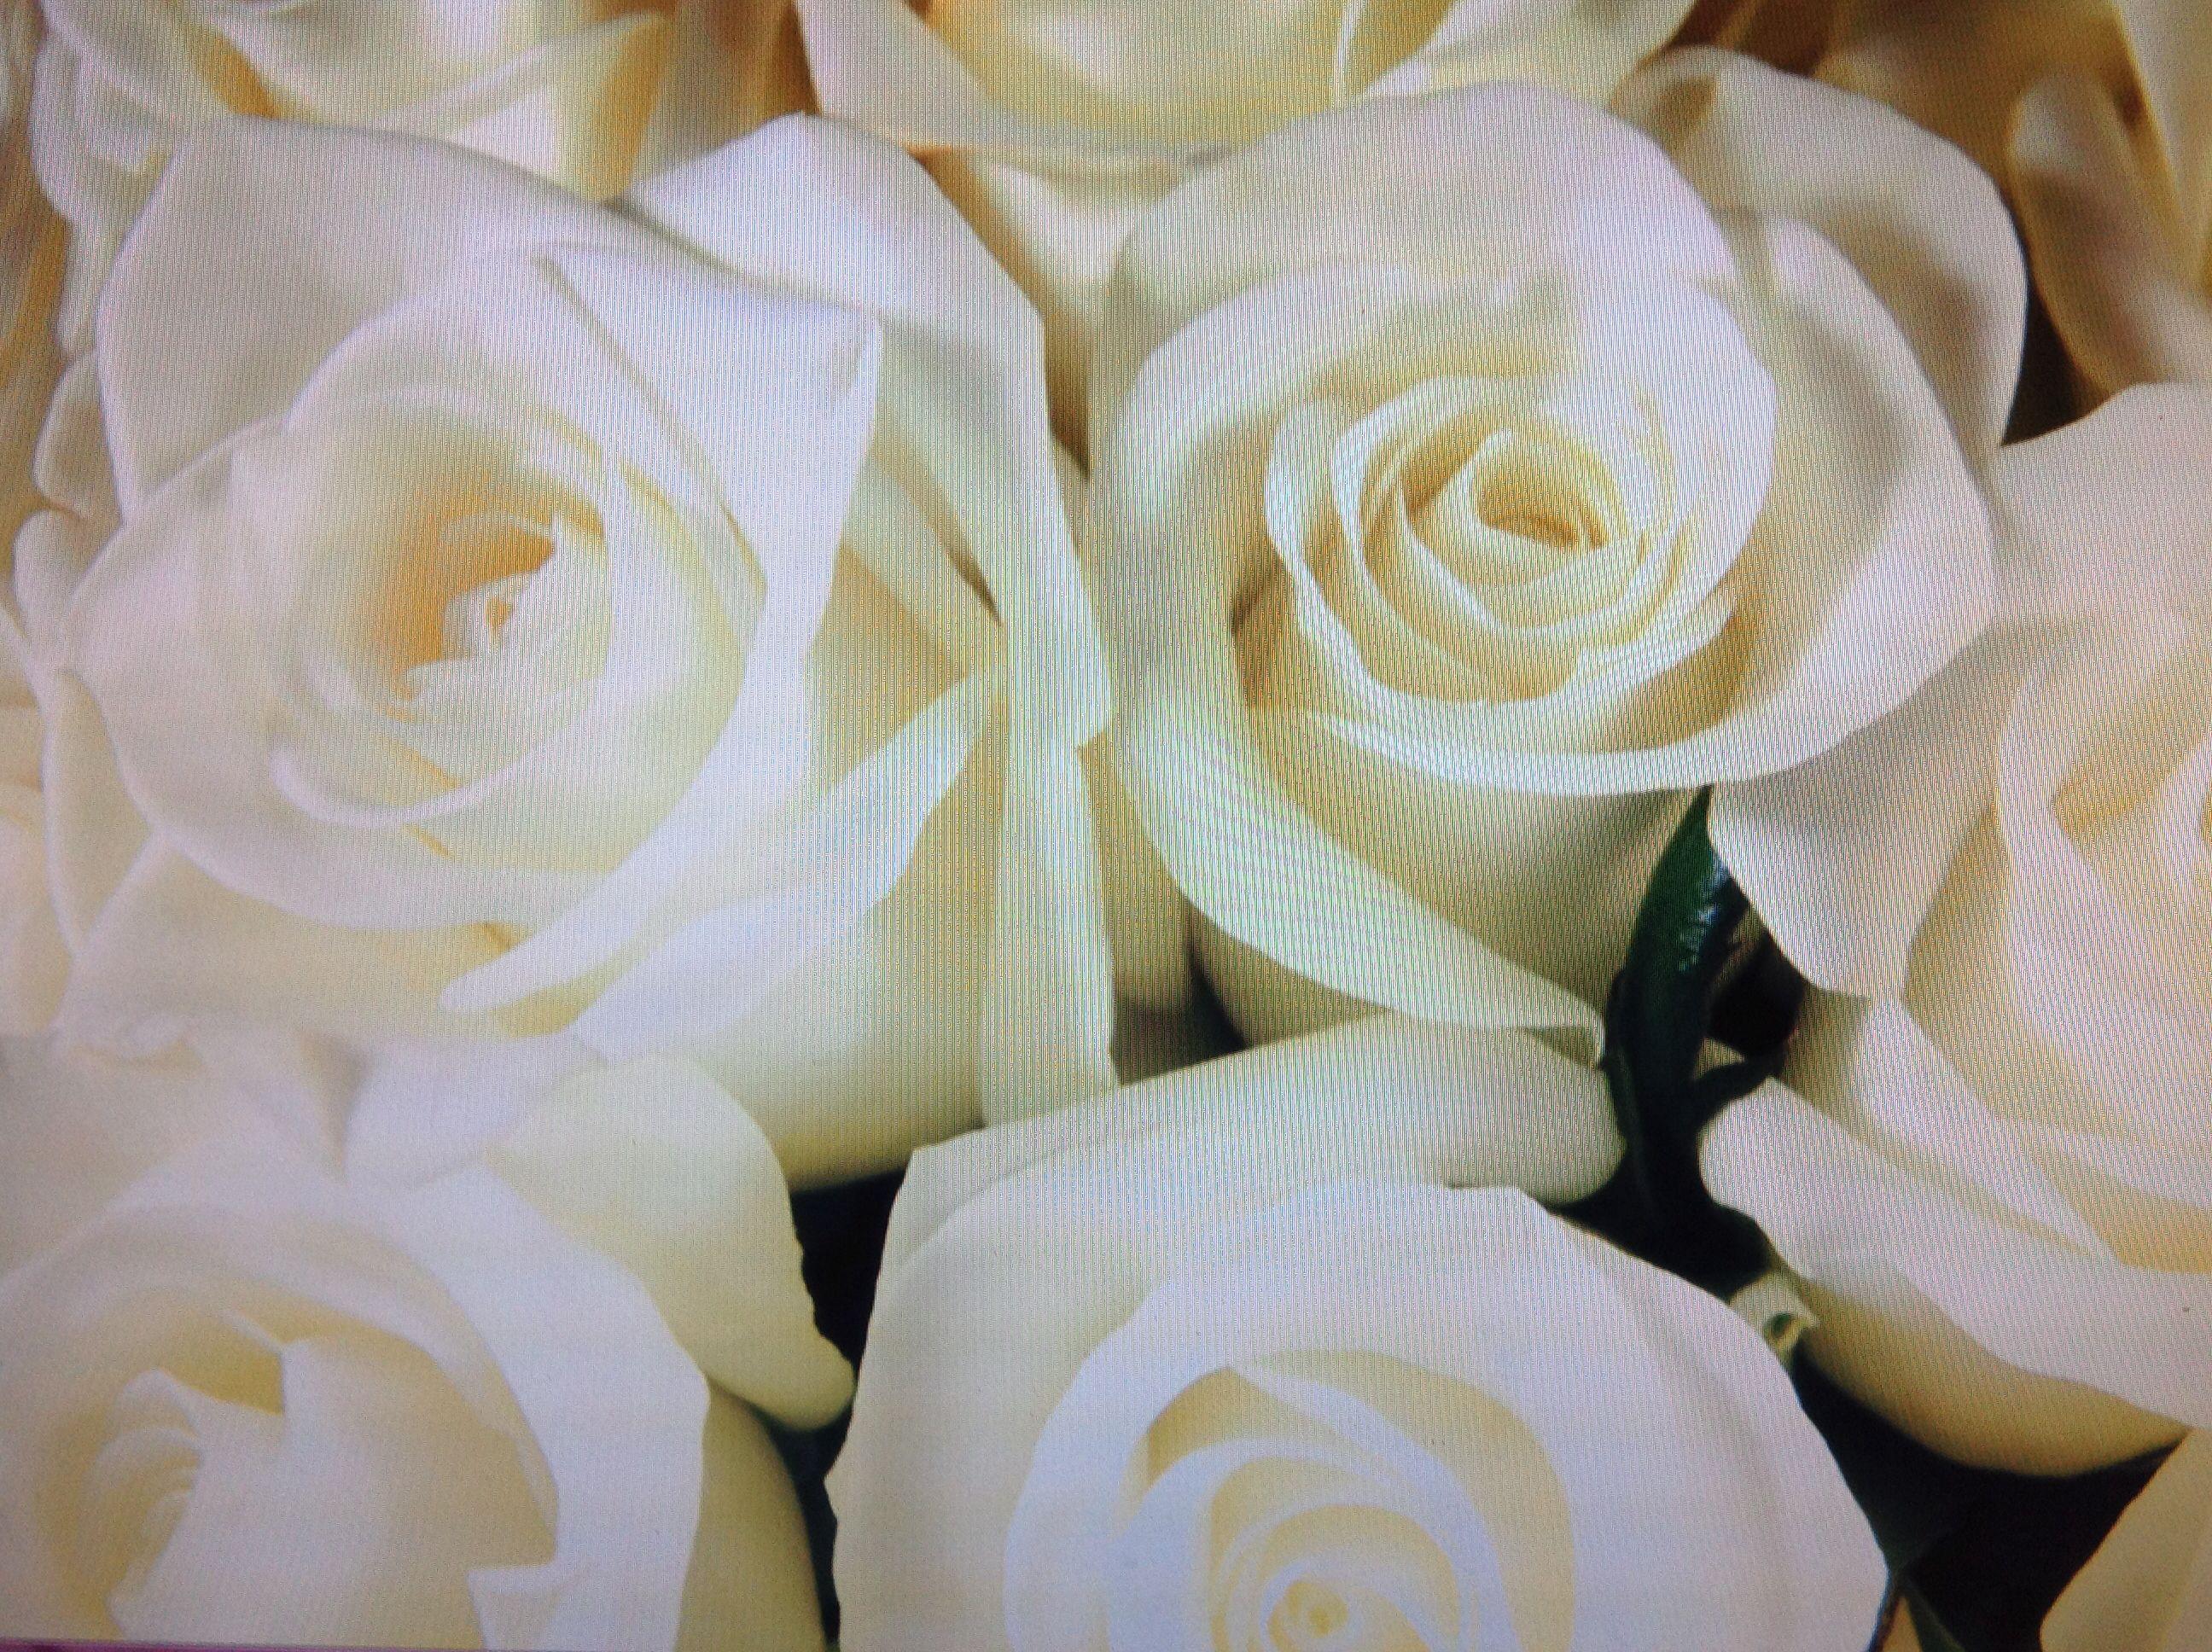 Love white Roses.